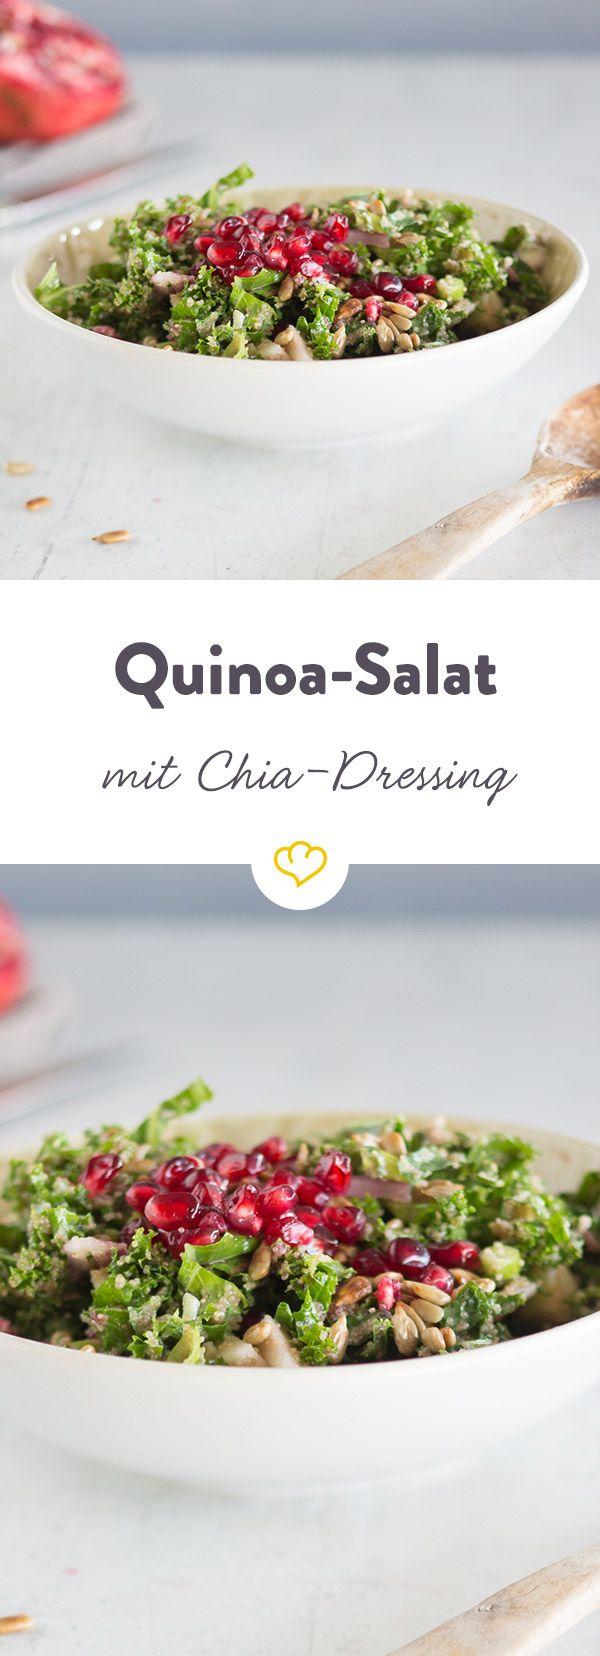 In Kombination mit Limette und Senf bilden Chia-Samen ein herrlich leichtes Dressing, das hervorragend zu Quinoa, Grünkohl und Granatapfelkernen passt.